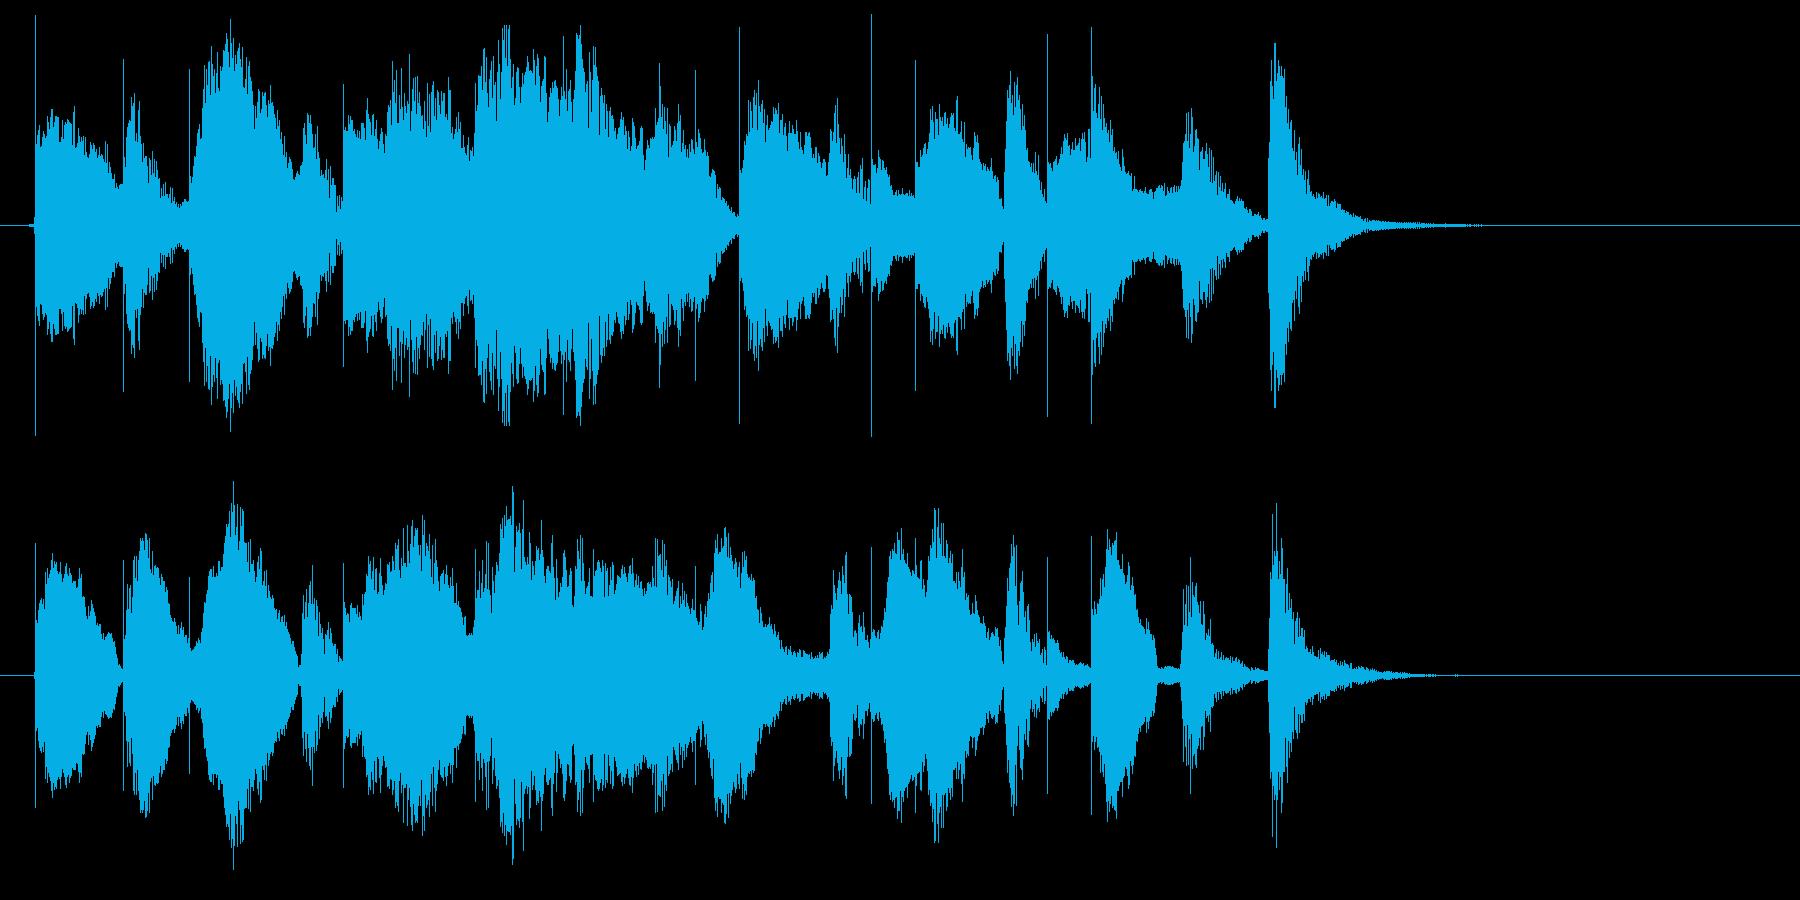 猫達が歌う「もろびとこぞりて」ロゴ♪の再生済みの波形